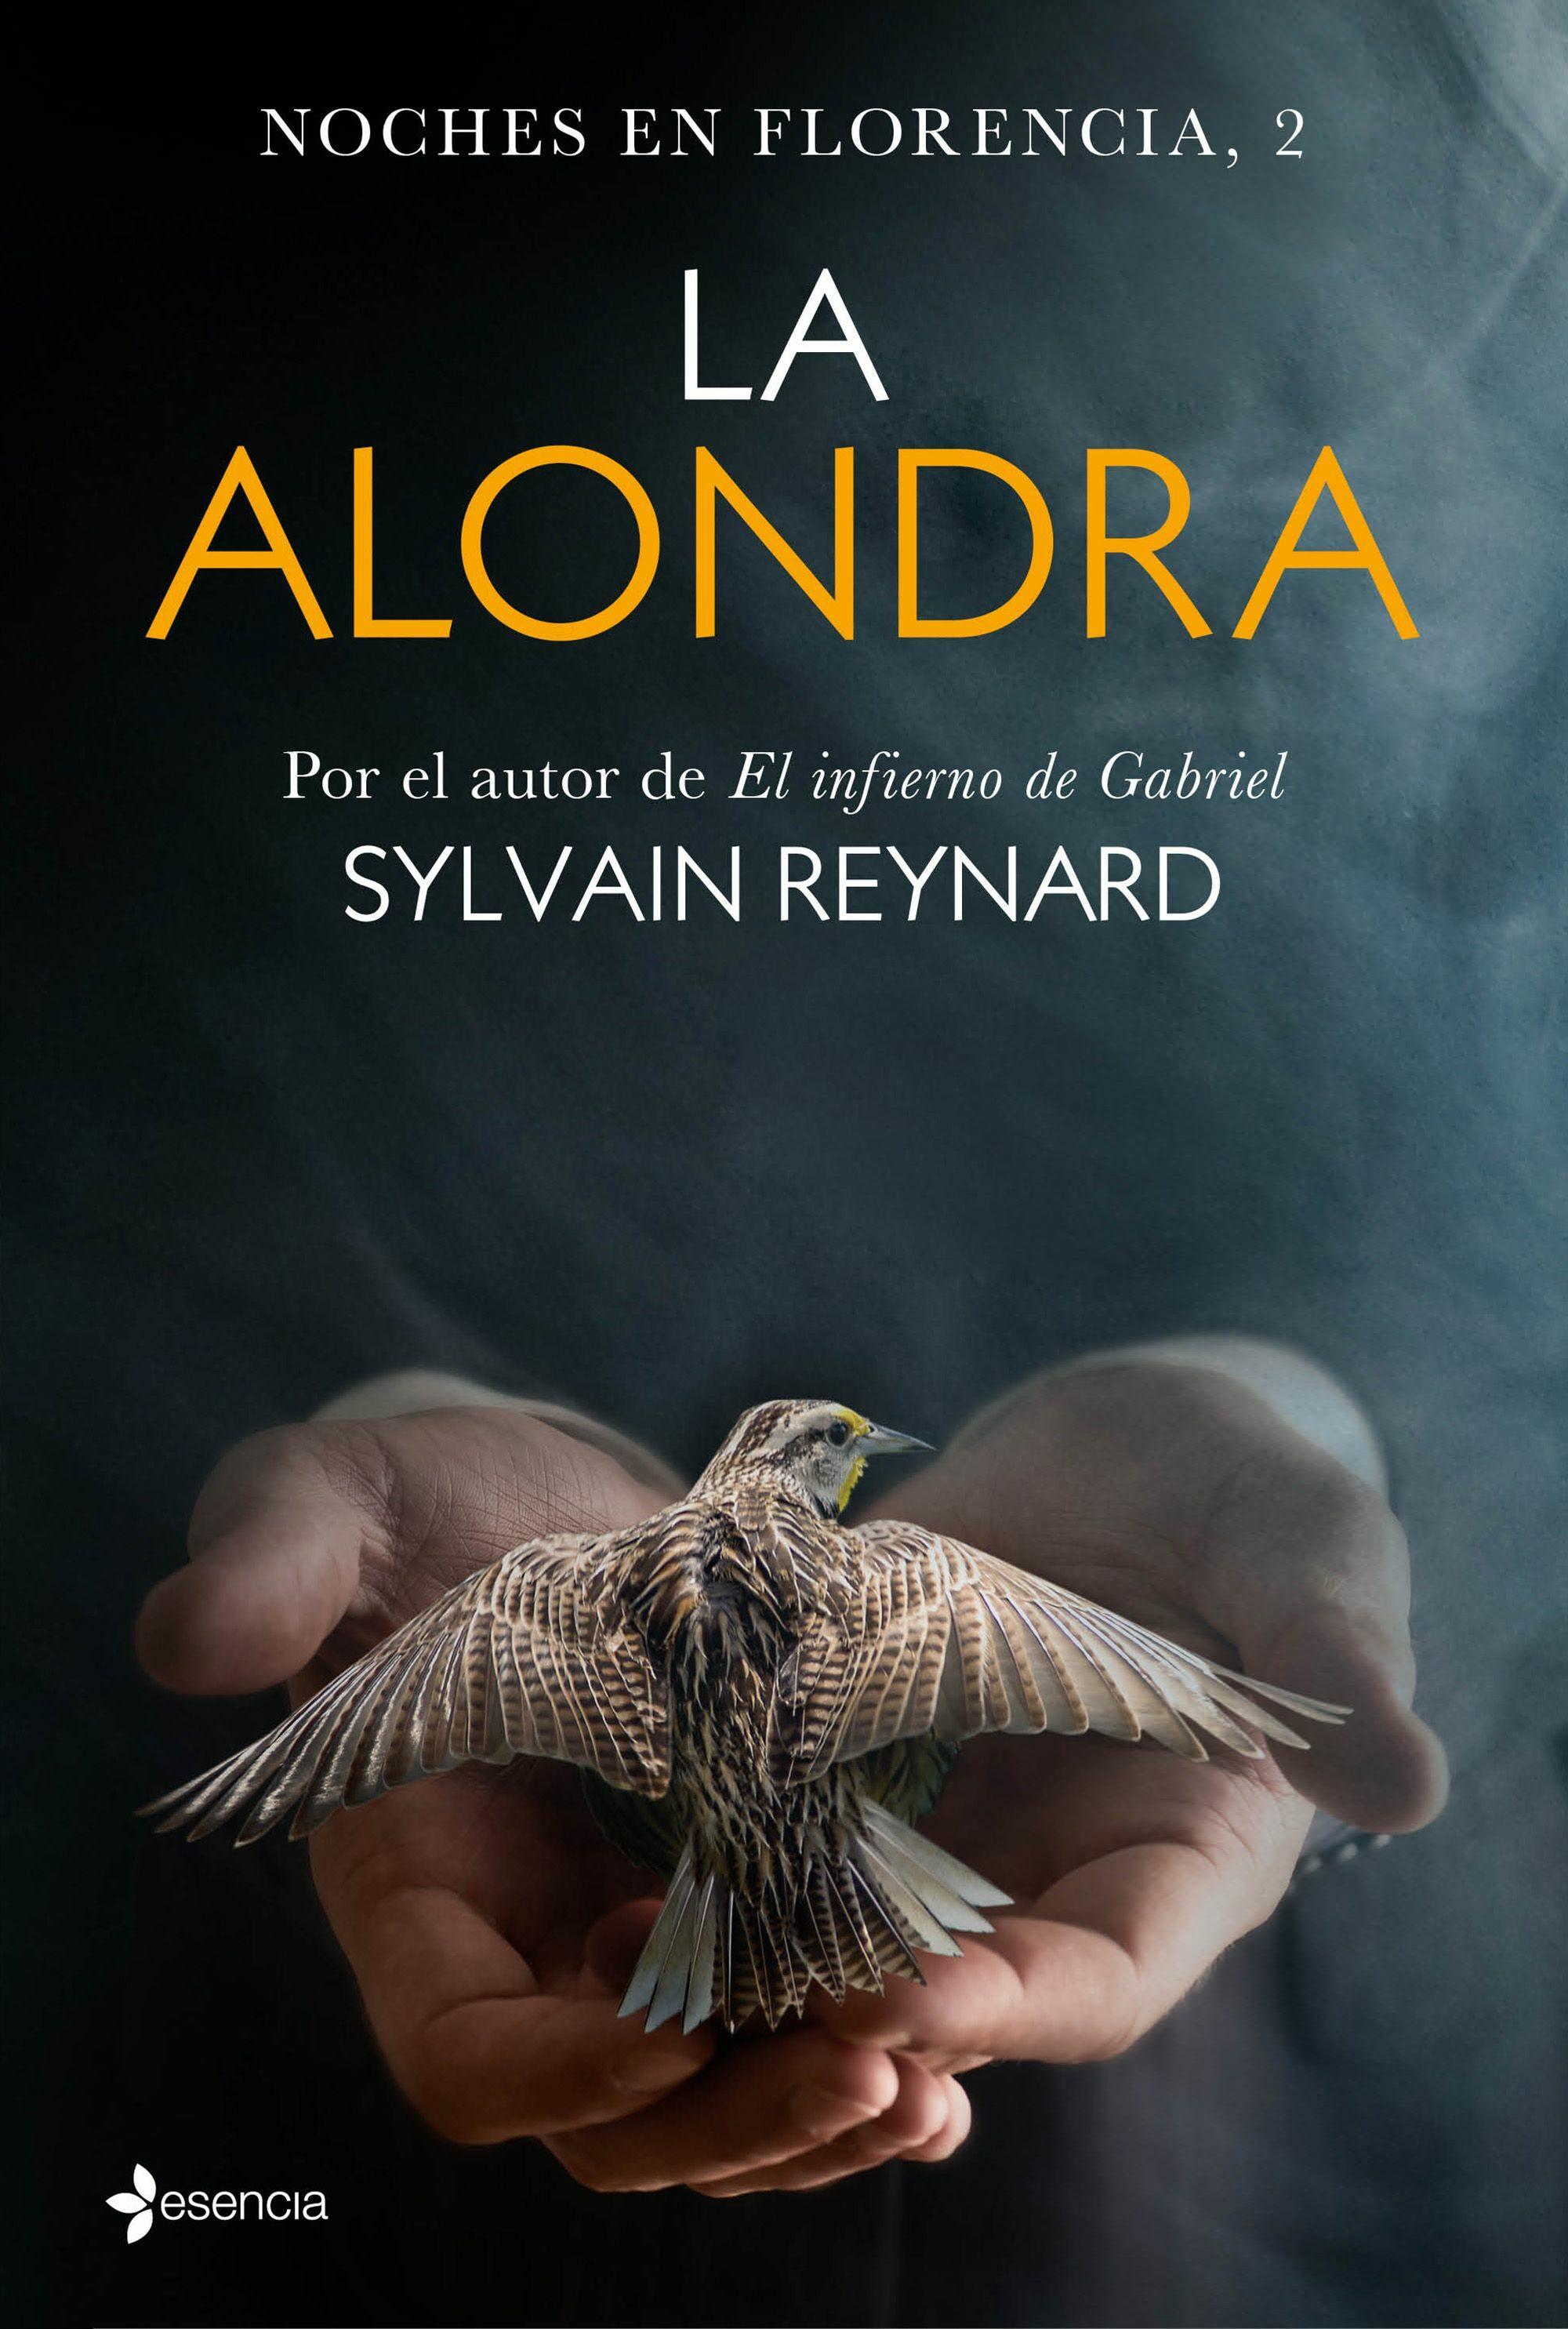 noches en florencia 2: la alondra-sylvain reynard-9788408149569